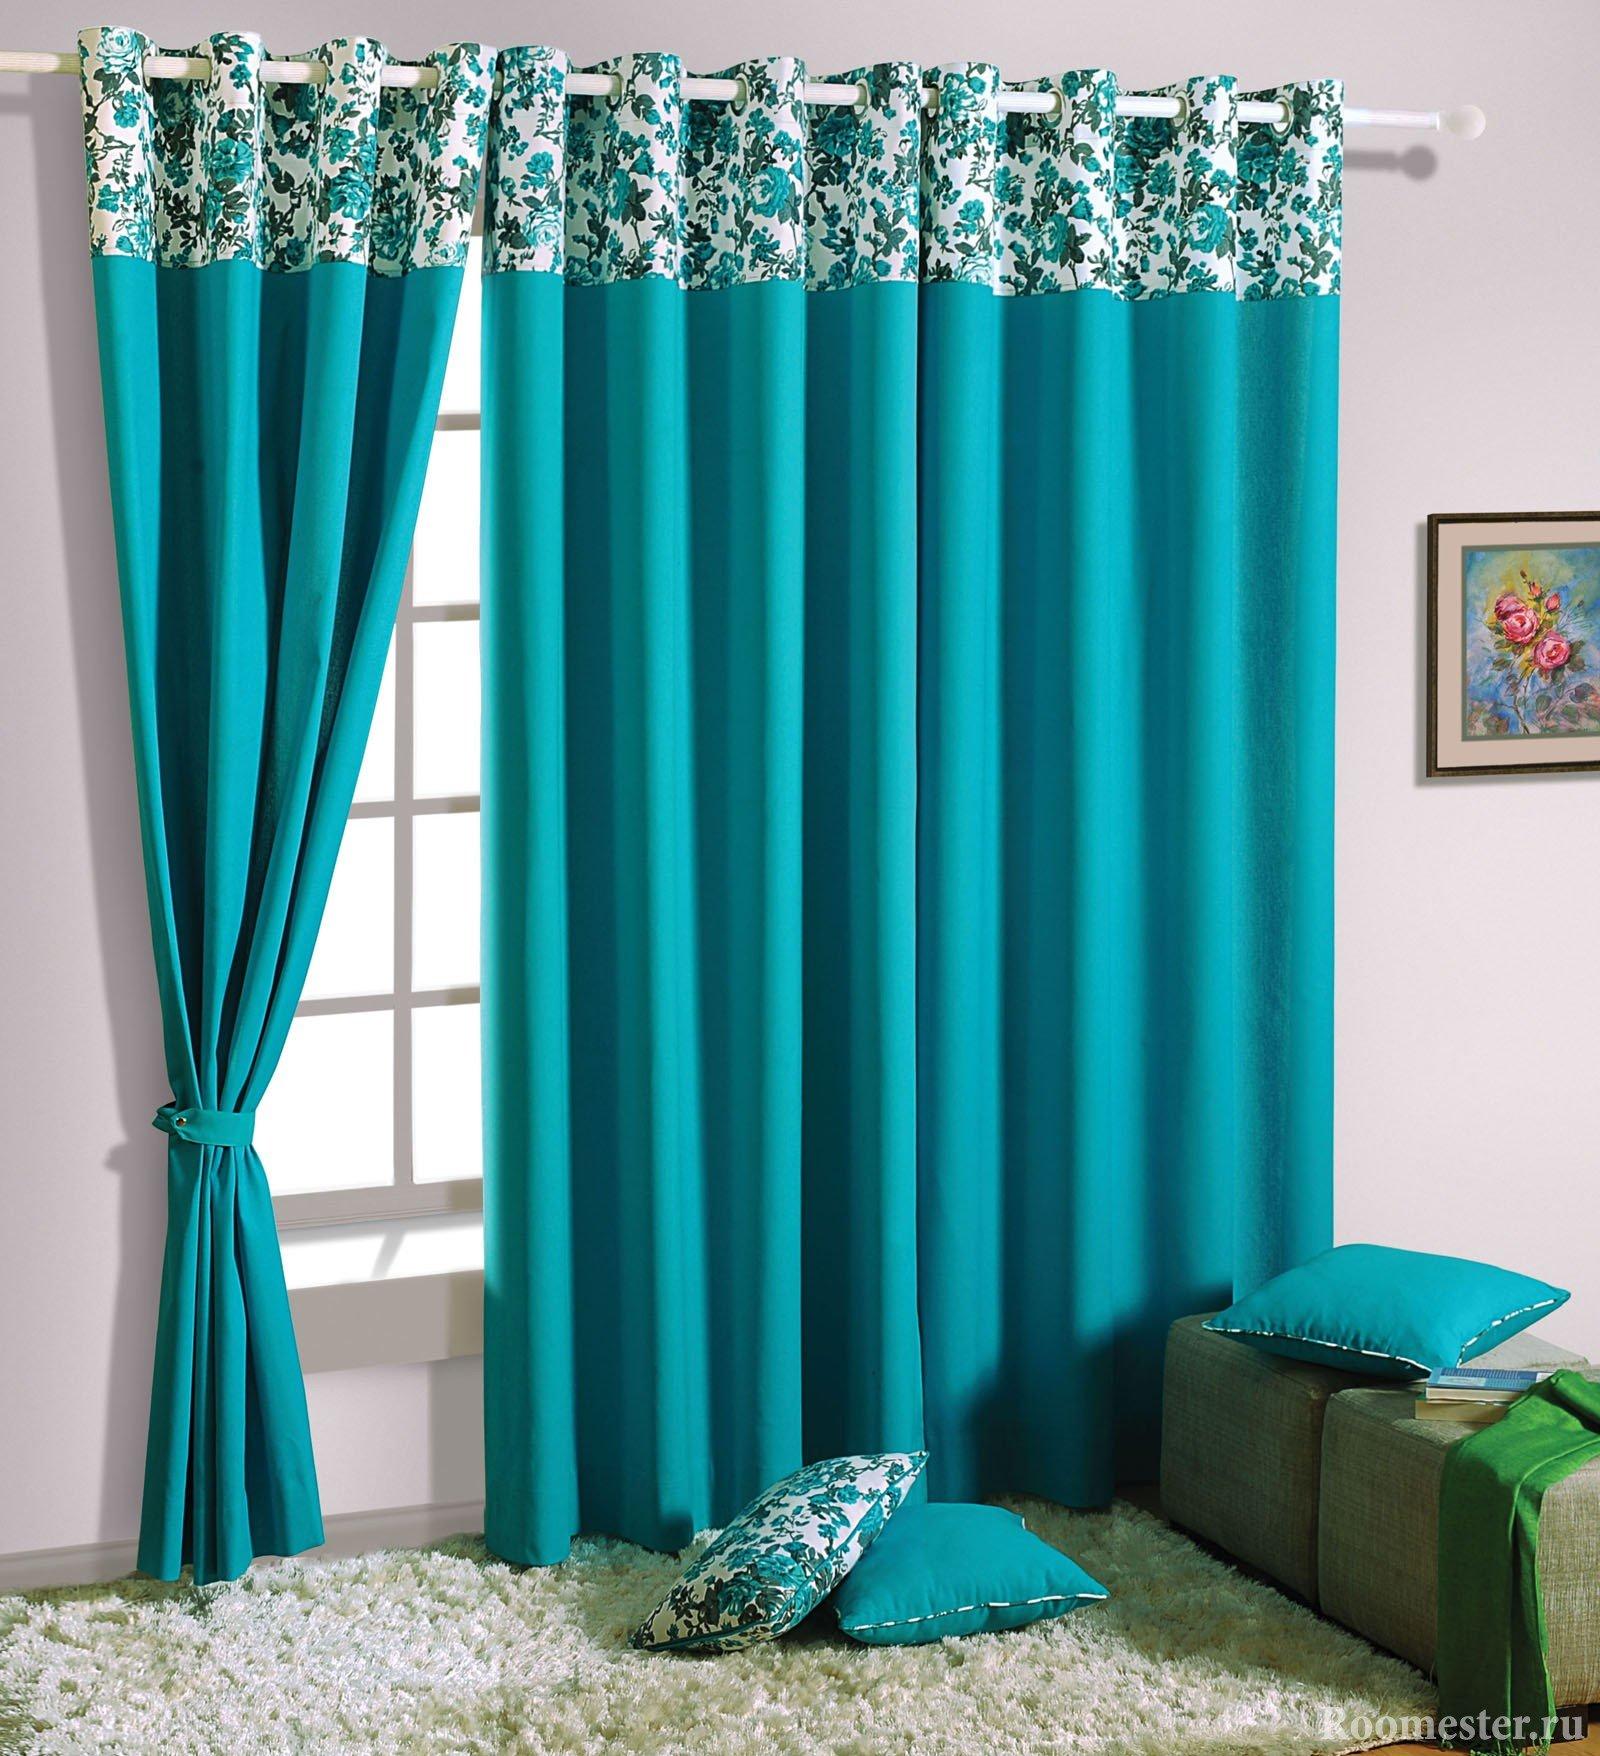 Одноцветные шторы с украшенной узором верхней частью